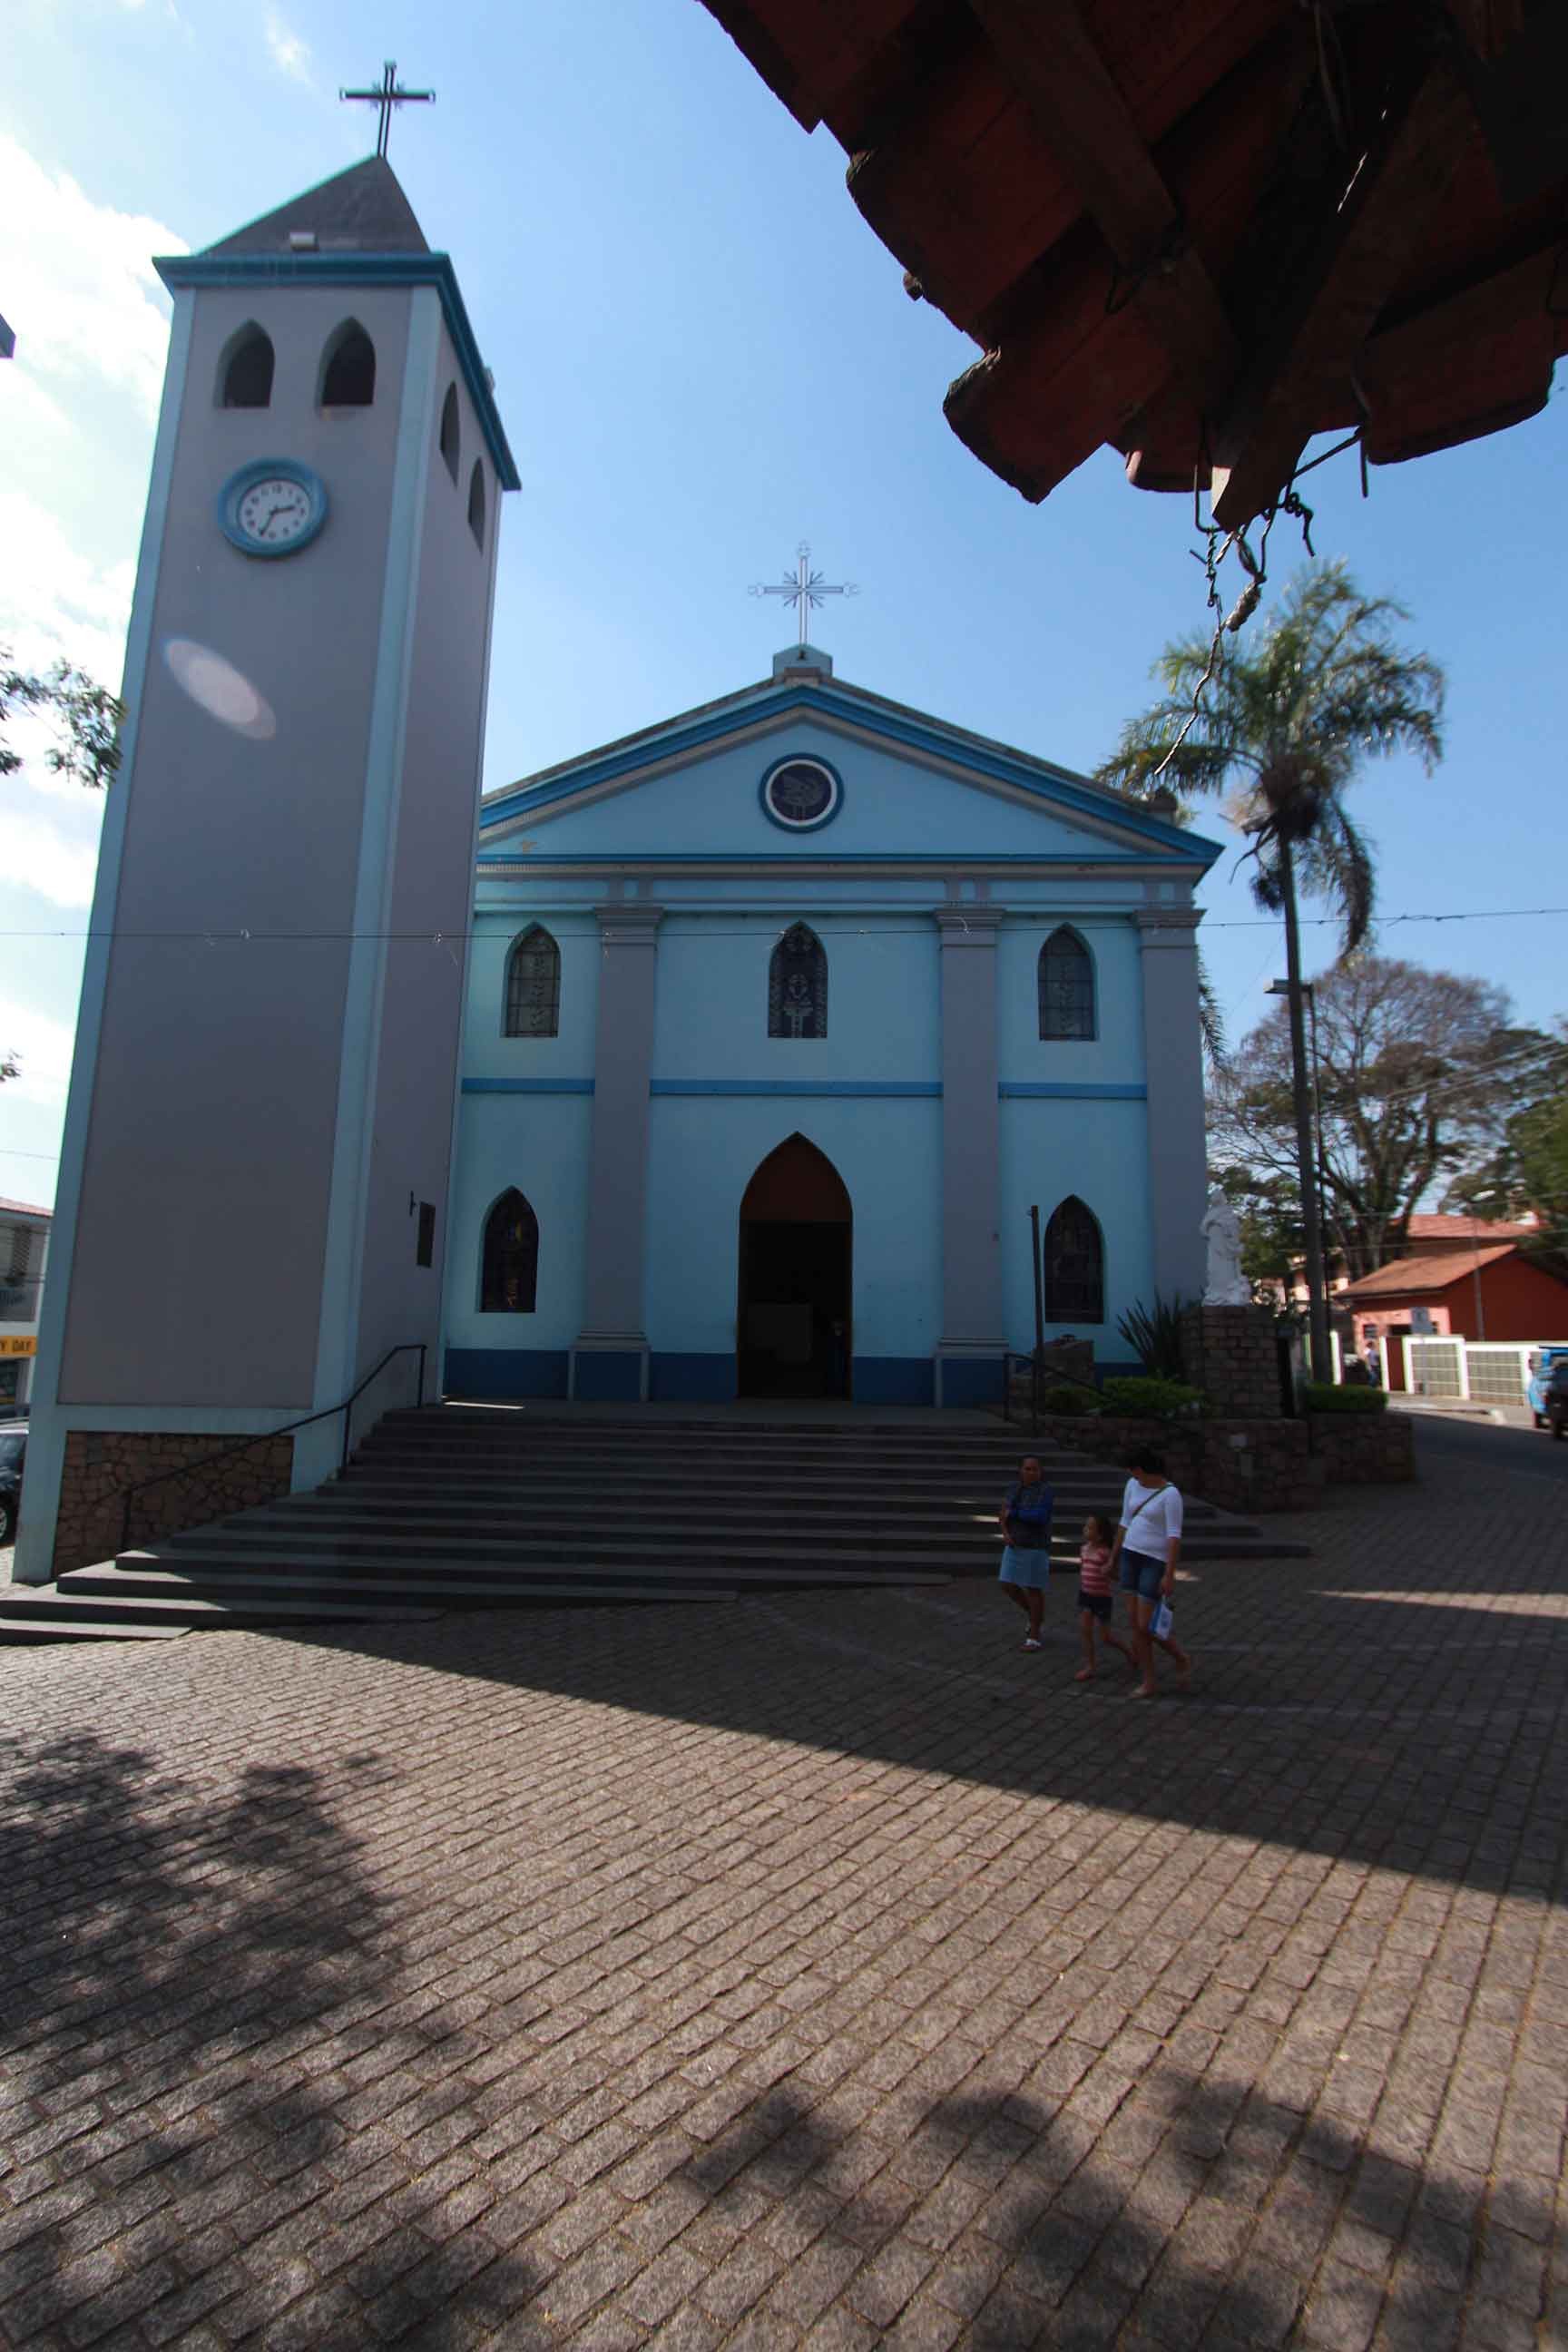 Morungaba-Turismo-Religioso-Paroquia-Imaculada-Conceicao-bx